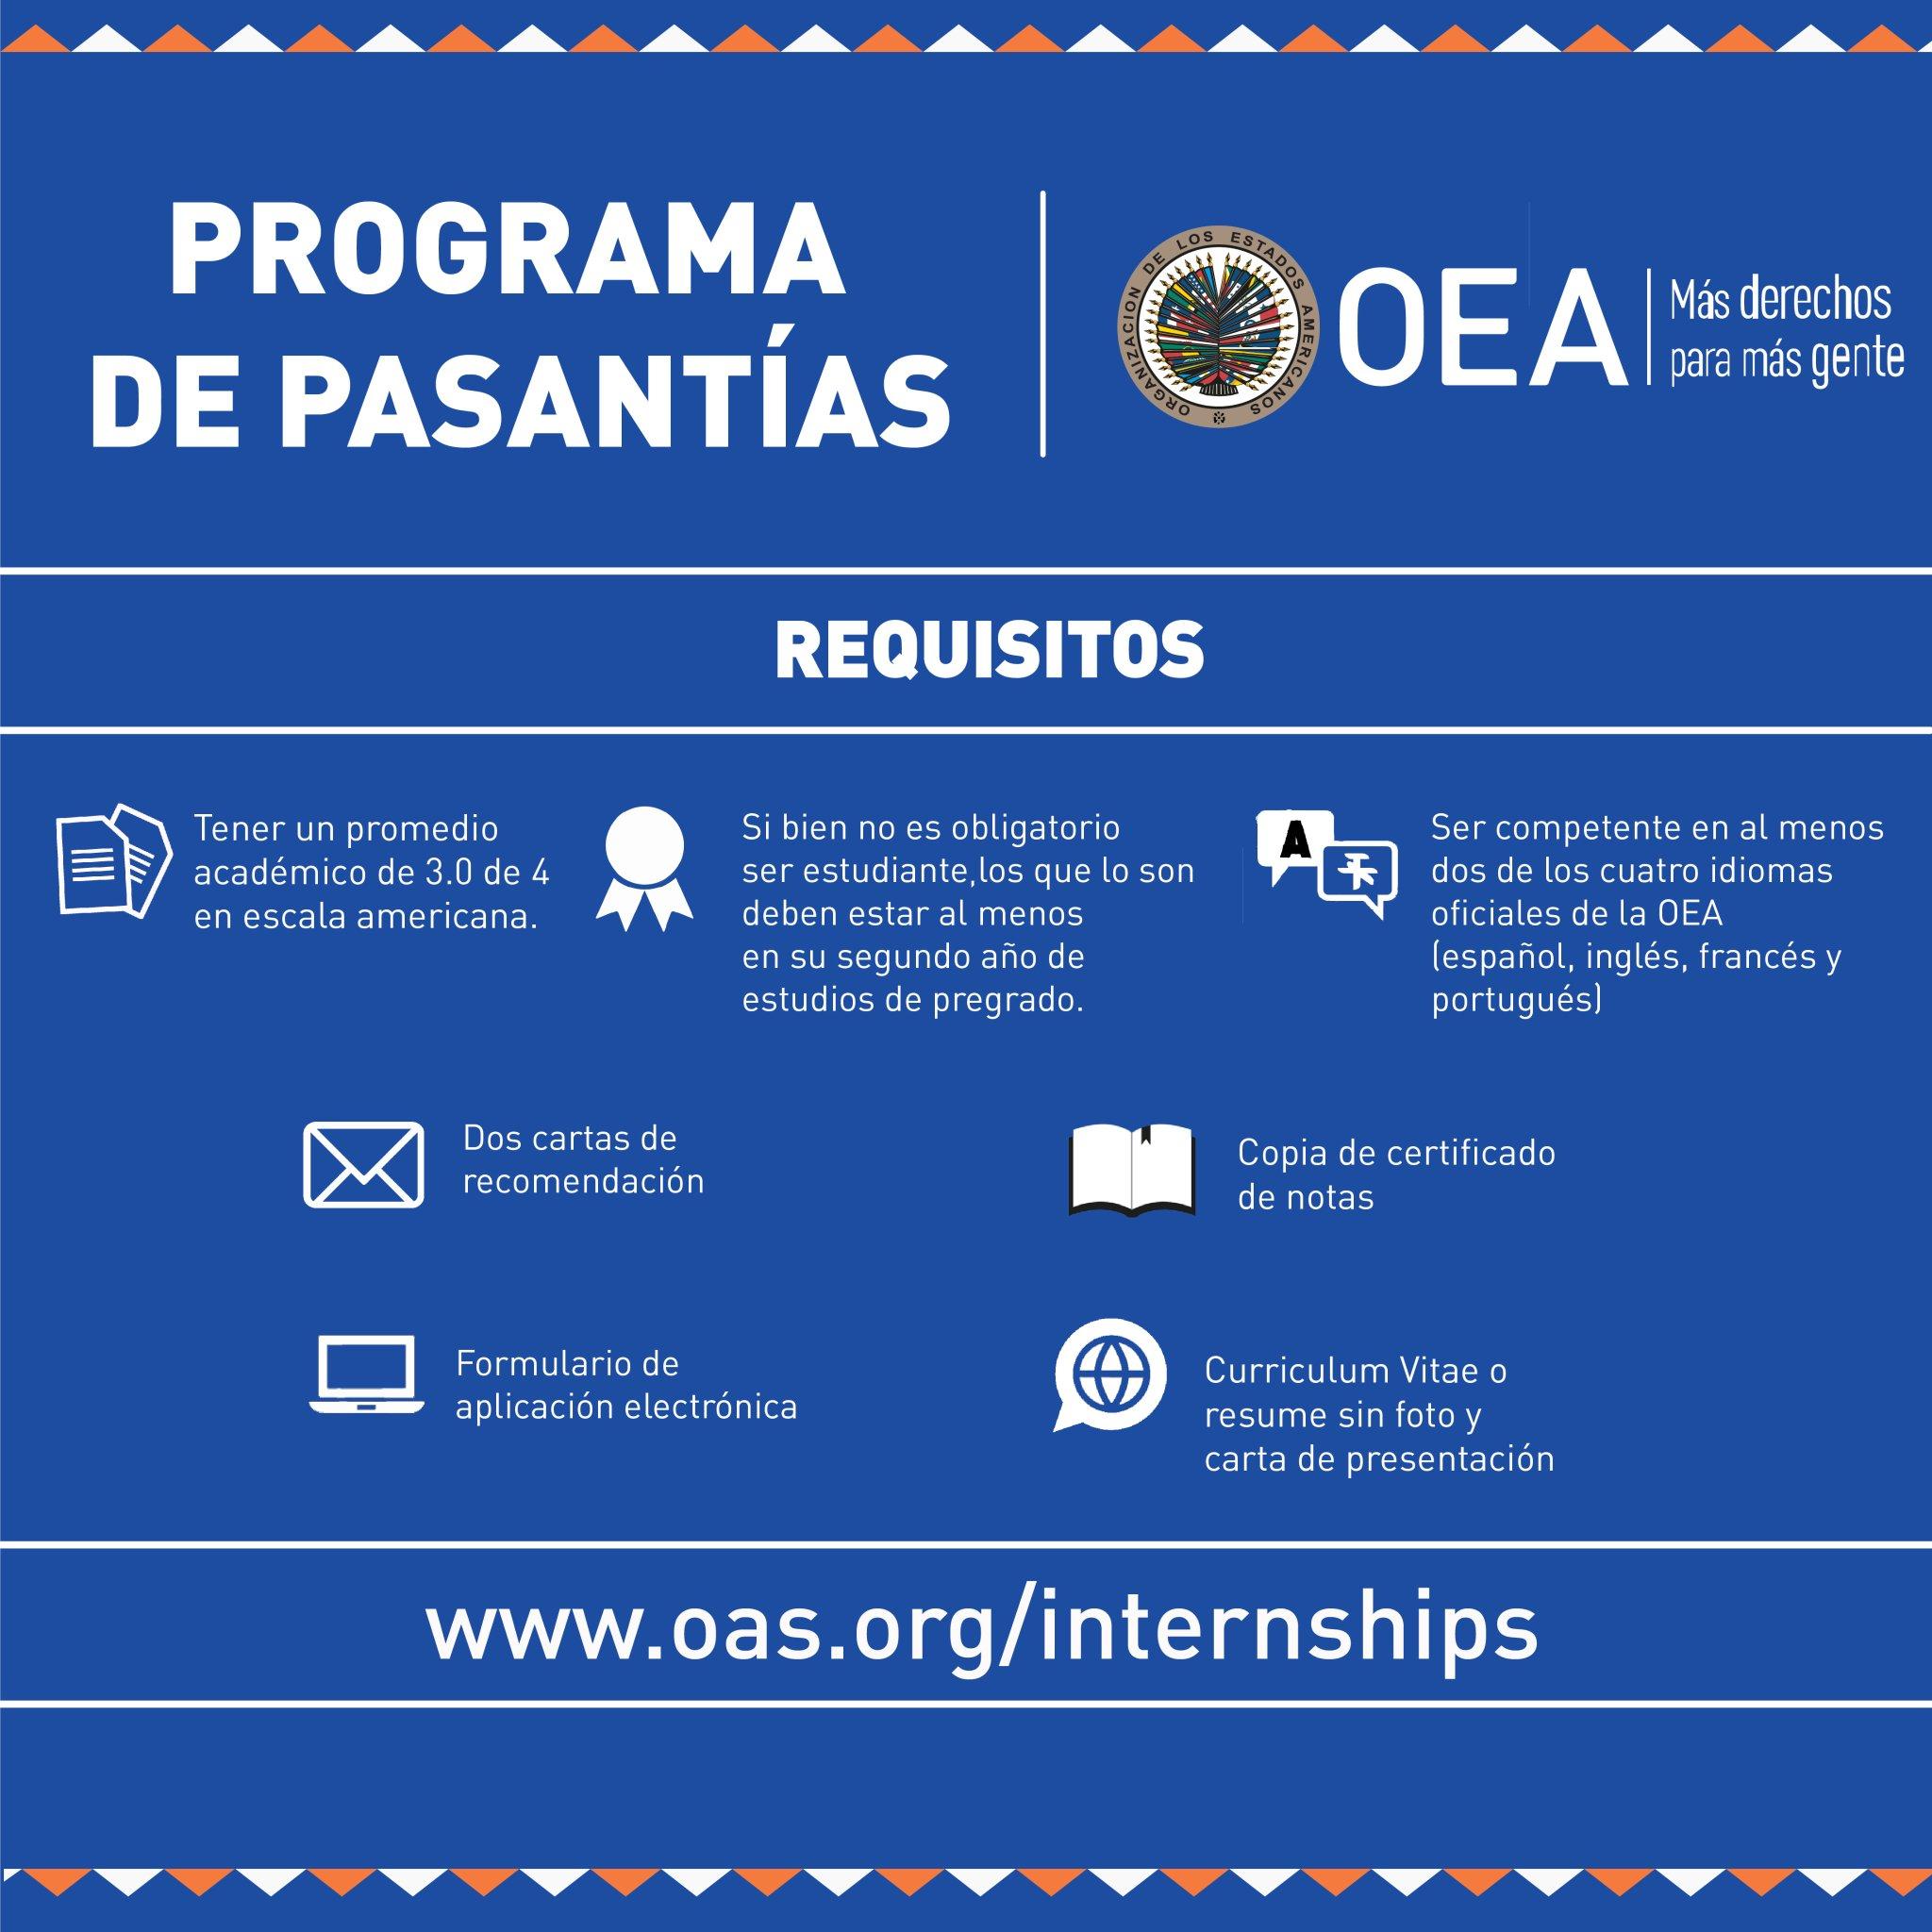 Programa de pasantías de la OEA 2019